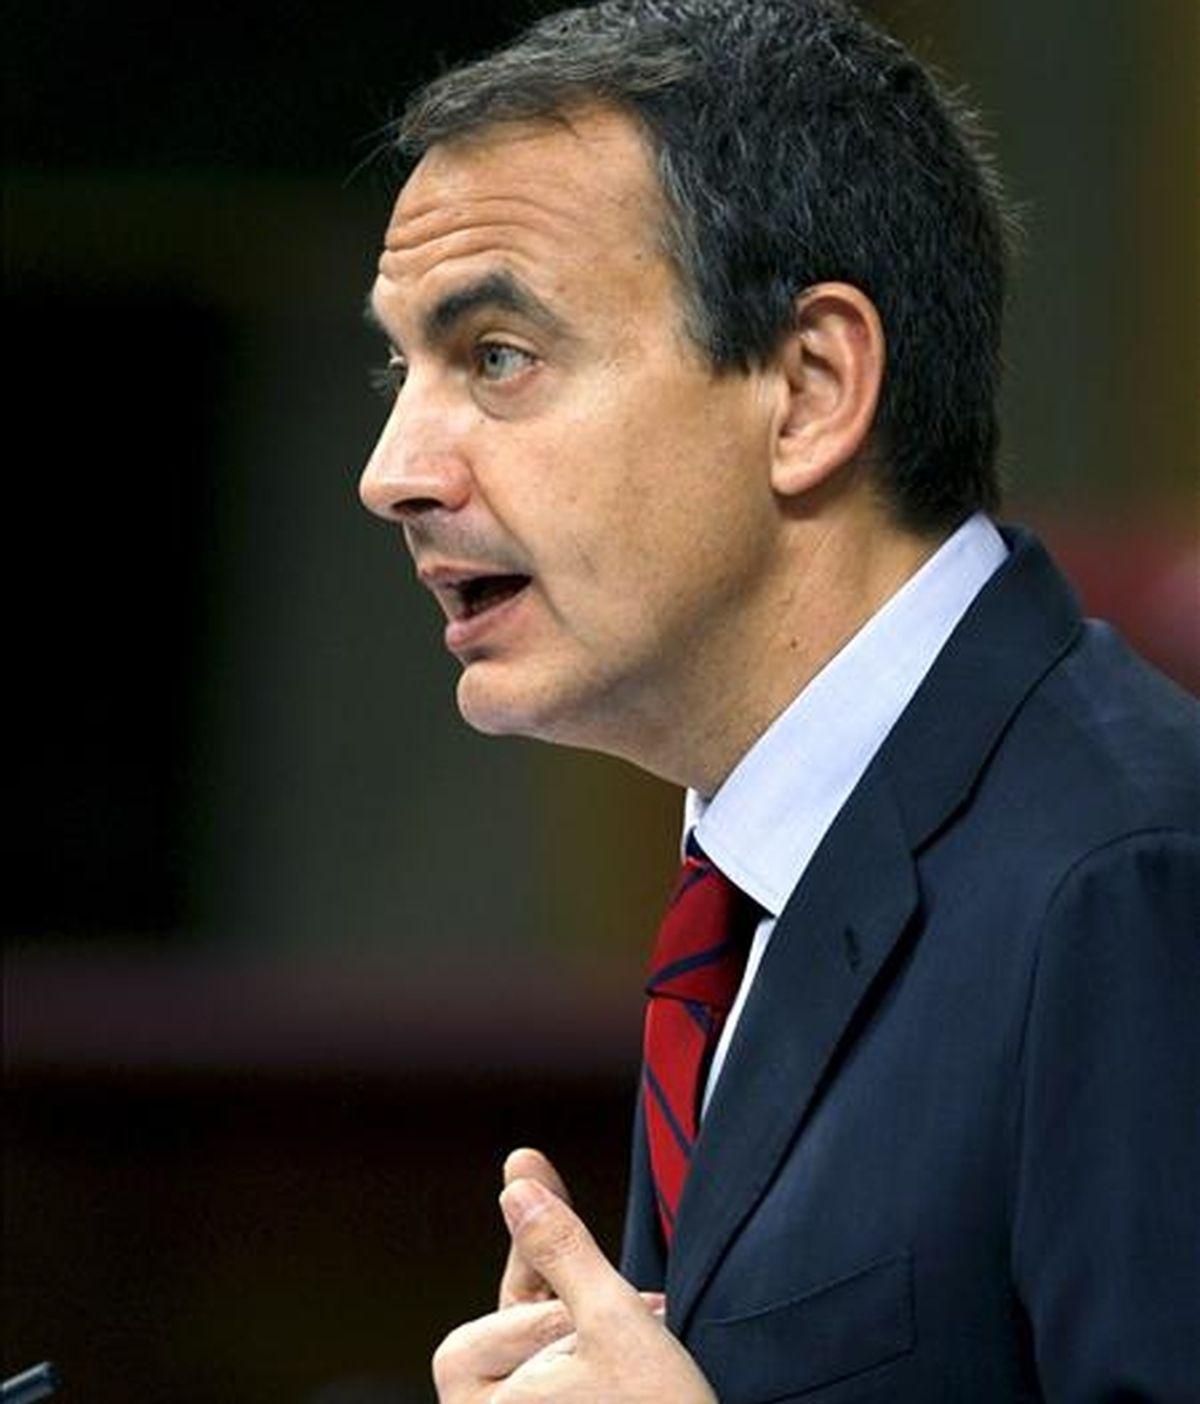 El presidente del Gobierno, José Luis Rodríguez Zapatero, durante su intervención en el debate sobre el estado de la nación de mayo de 2009. EFE/Archivo